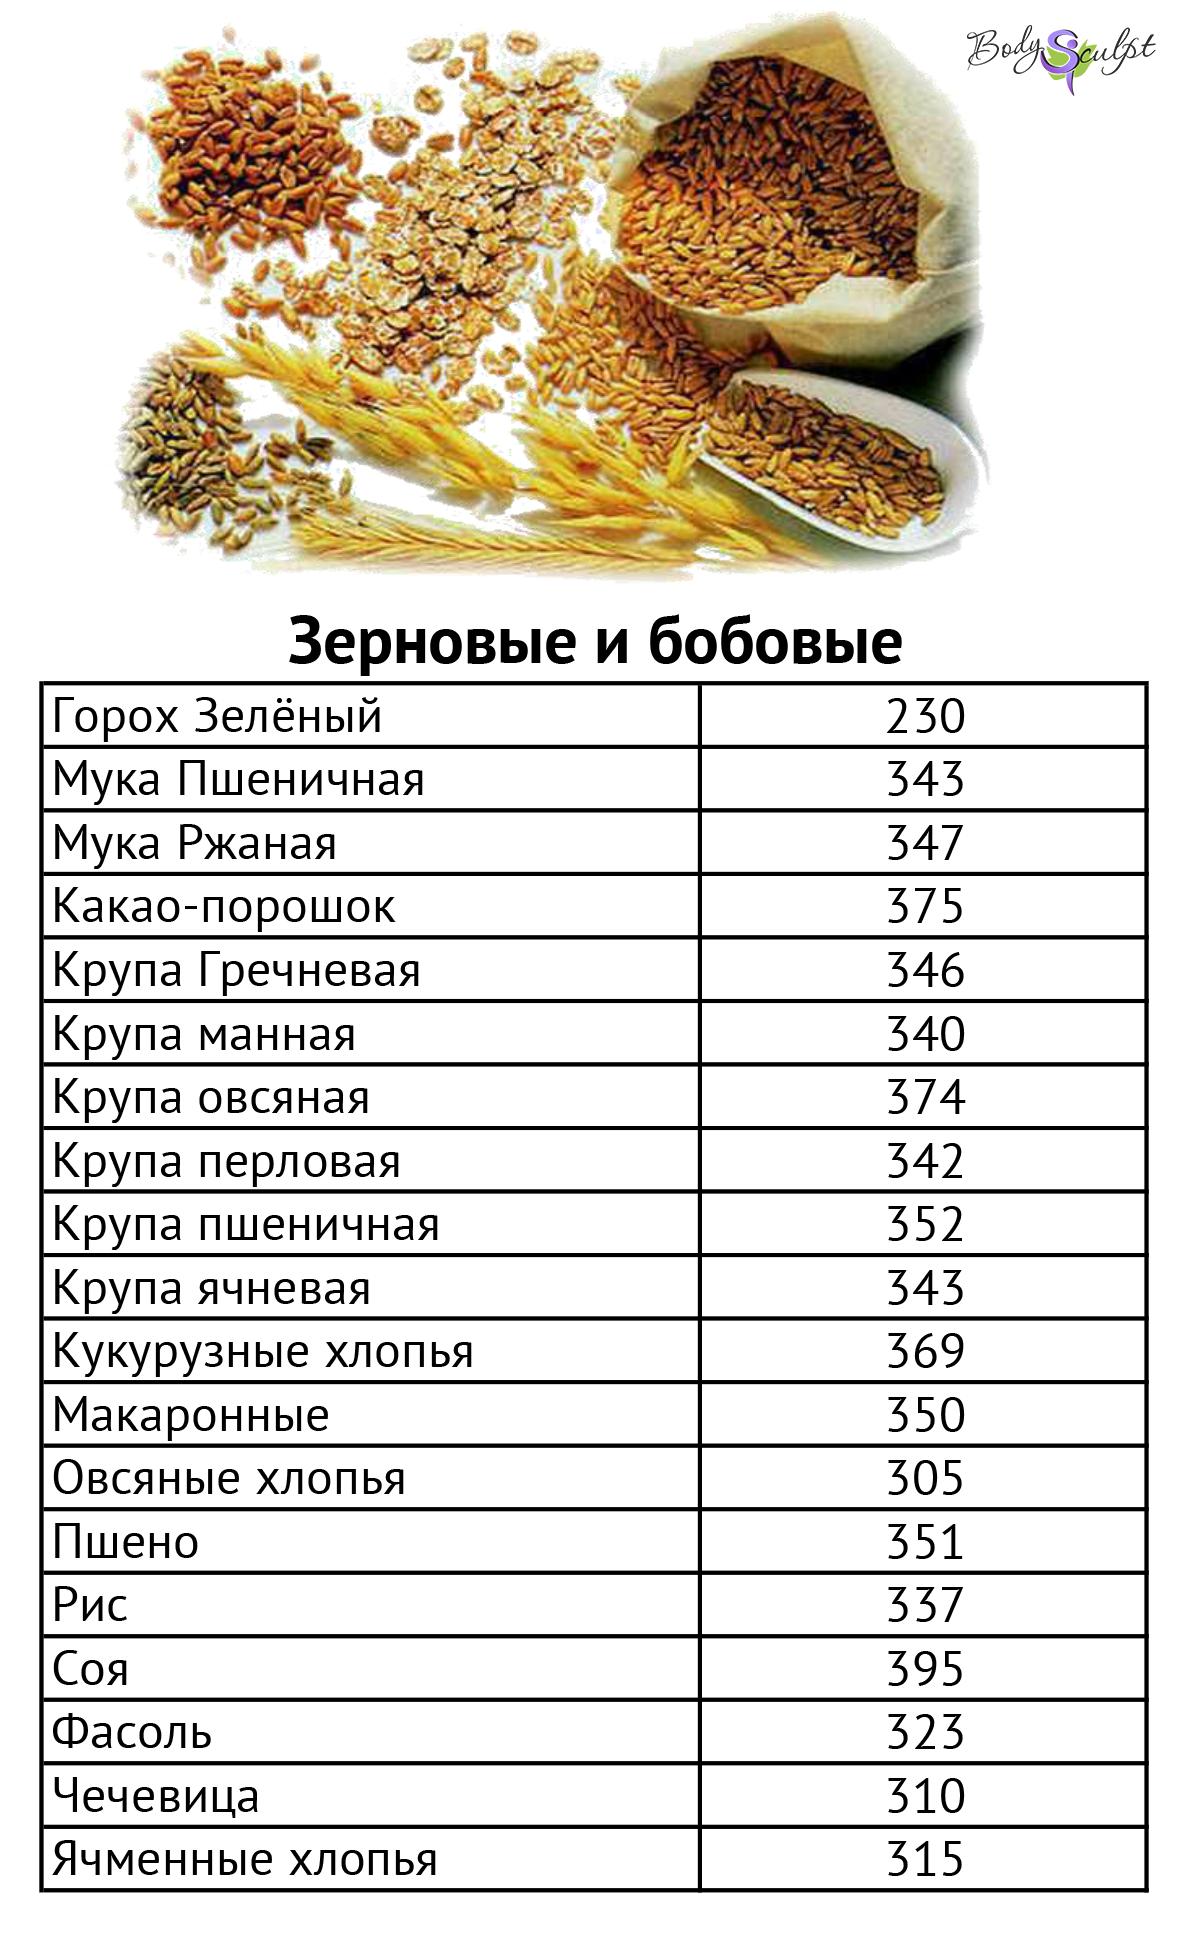 калорийность зерновых и бобовых